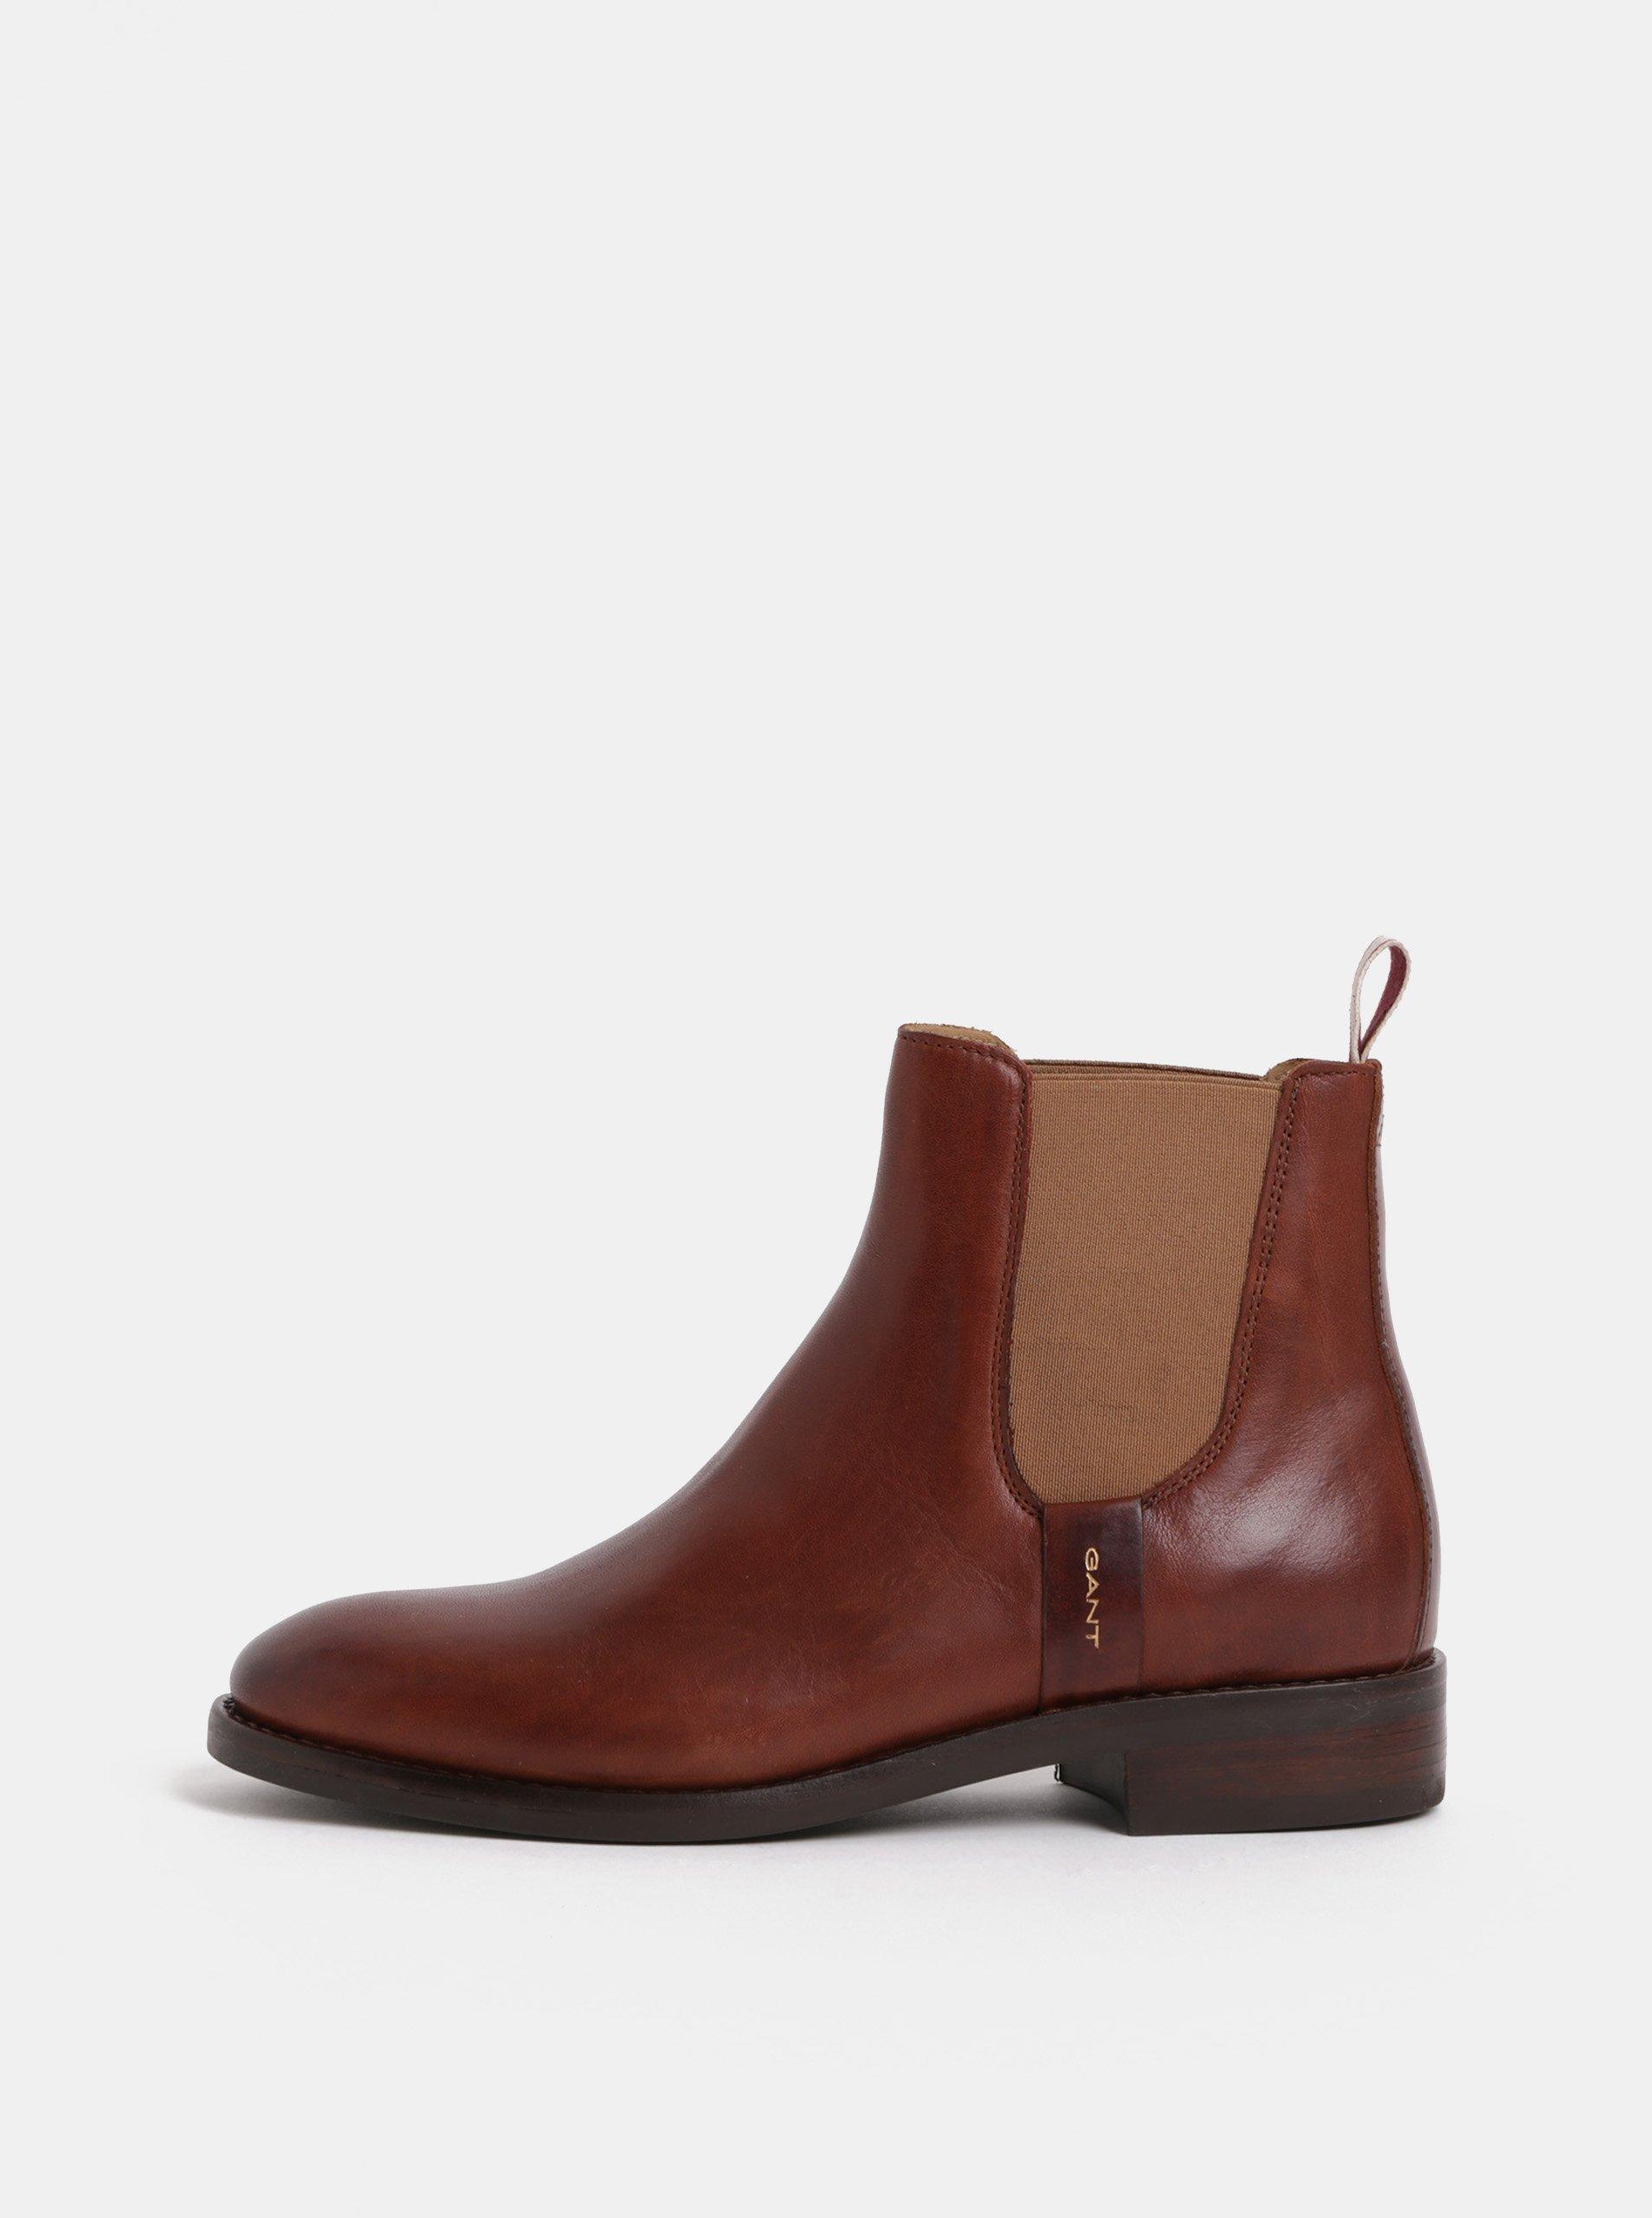 Hnedé dámske kožené chelsea topánky GANT 5278441523b